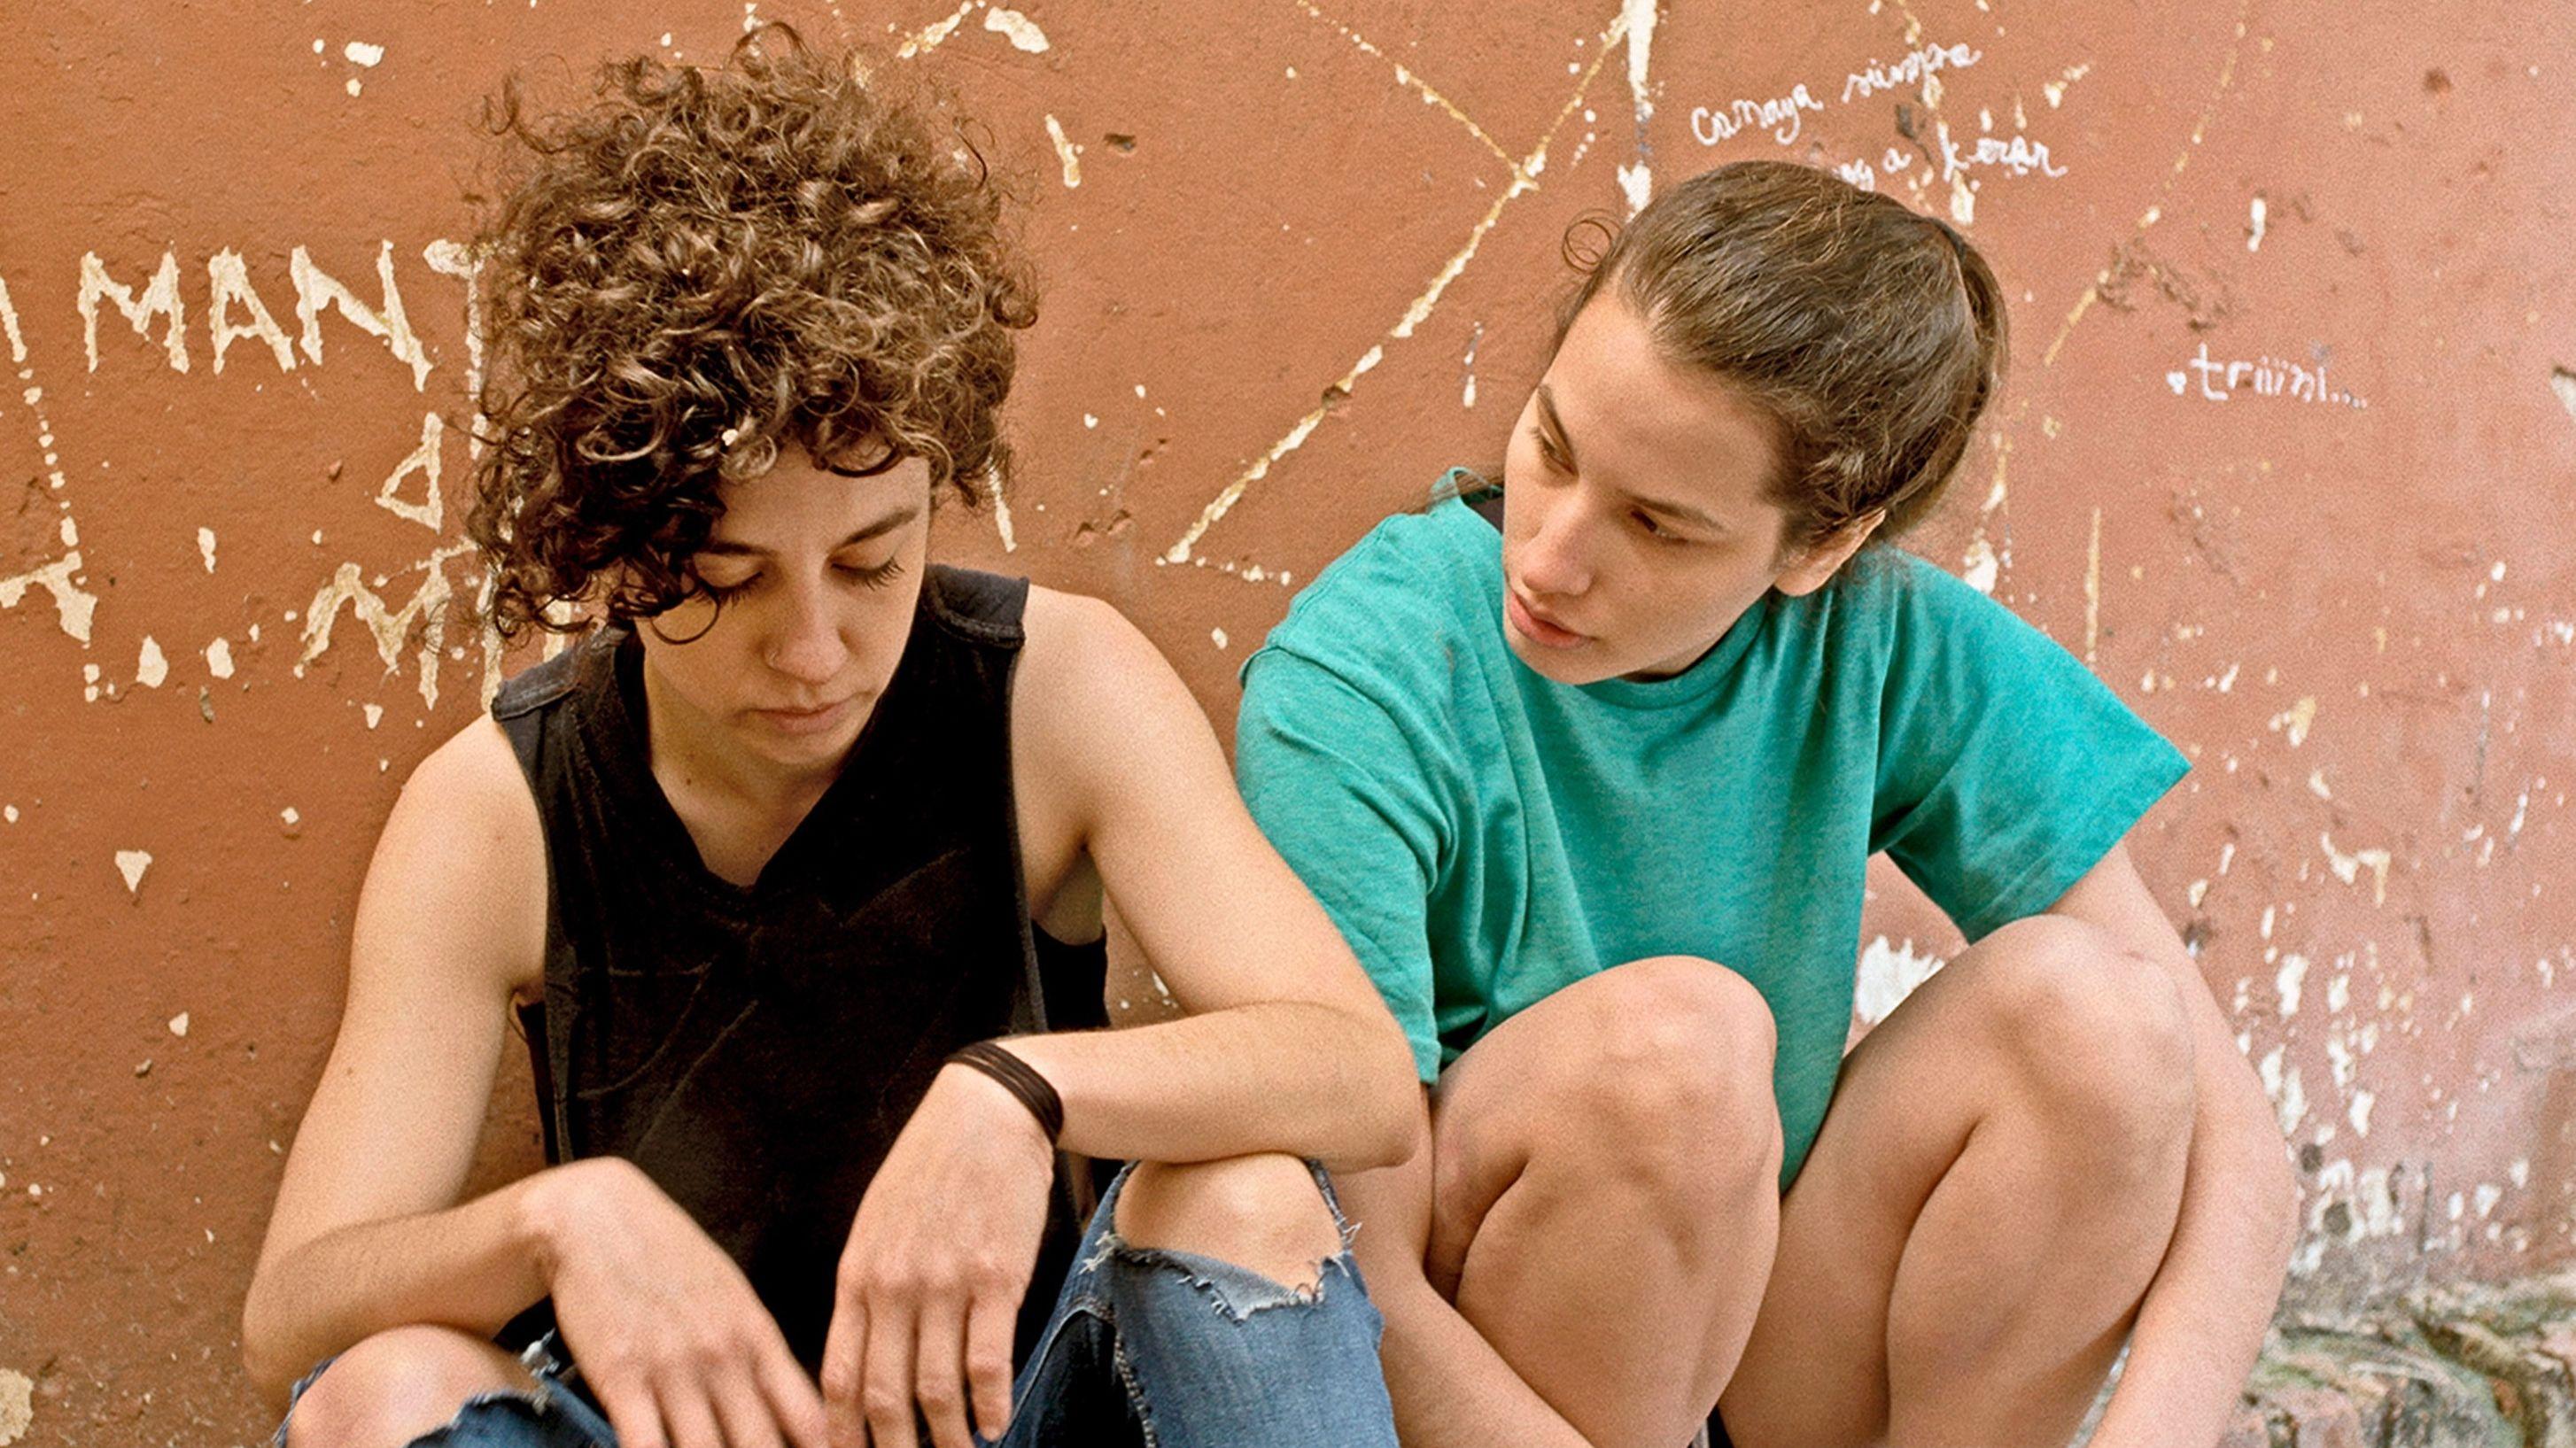 """Szenenfoto aus dem Film """"Las Mil y Una"""" mit Ana Carolina García und Sofia Cabrera: Zwei junge Frauen hocken vor einer ockerfarbenen Wand mit eingeritzten Schriften"""